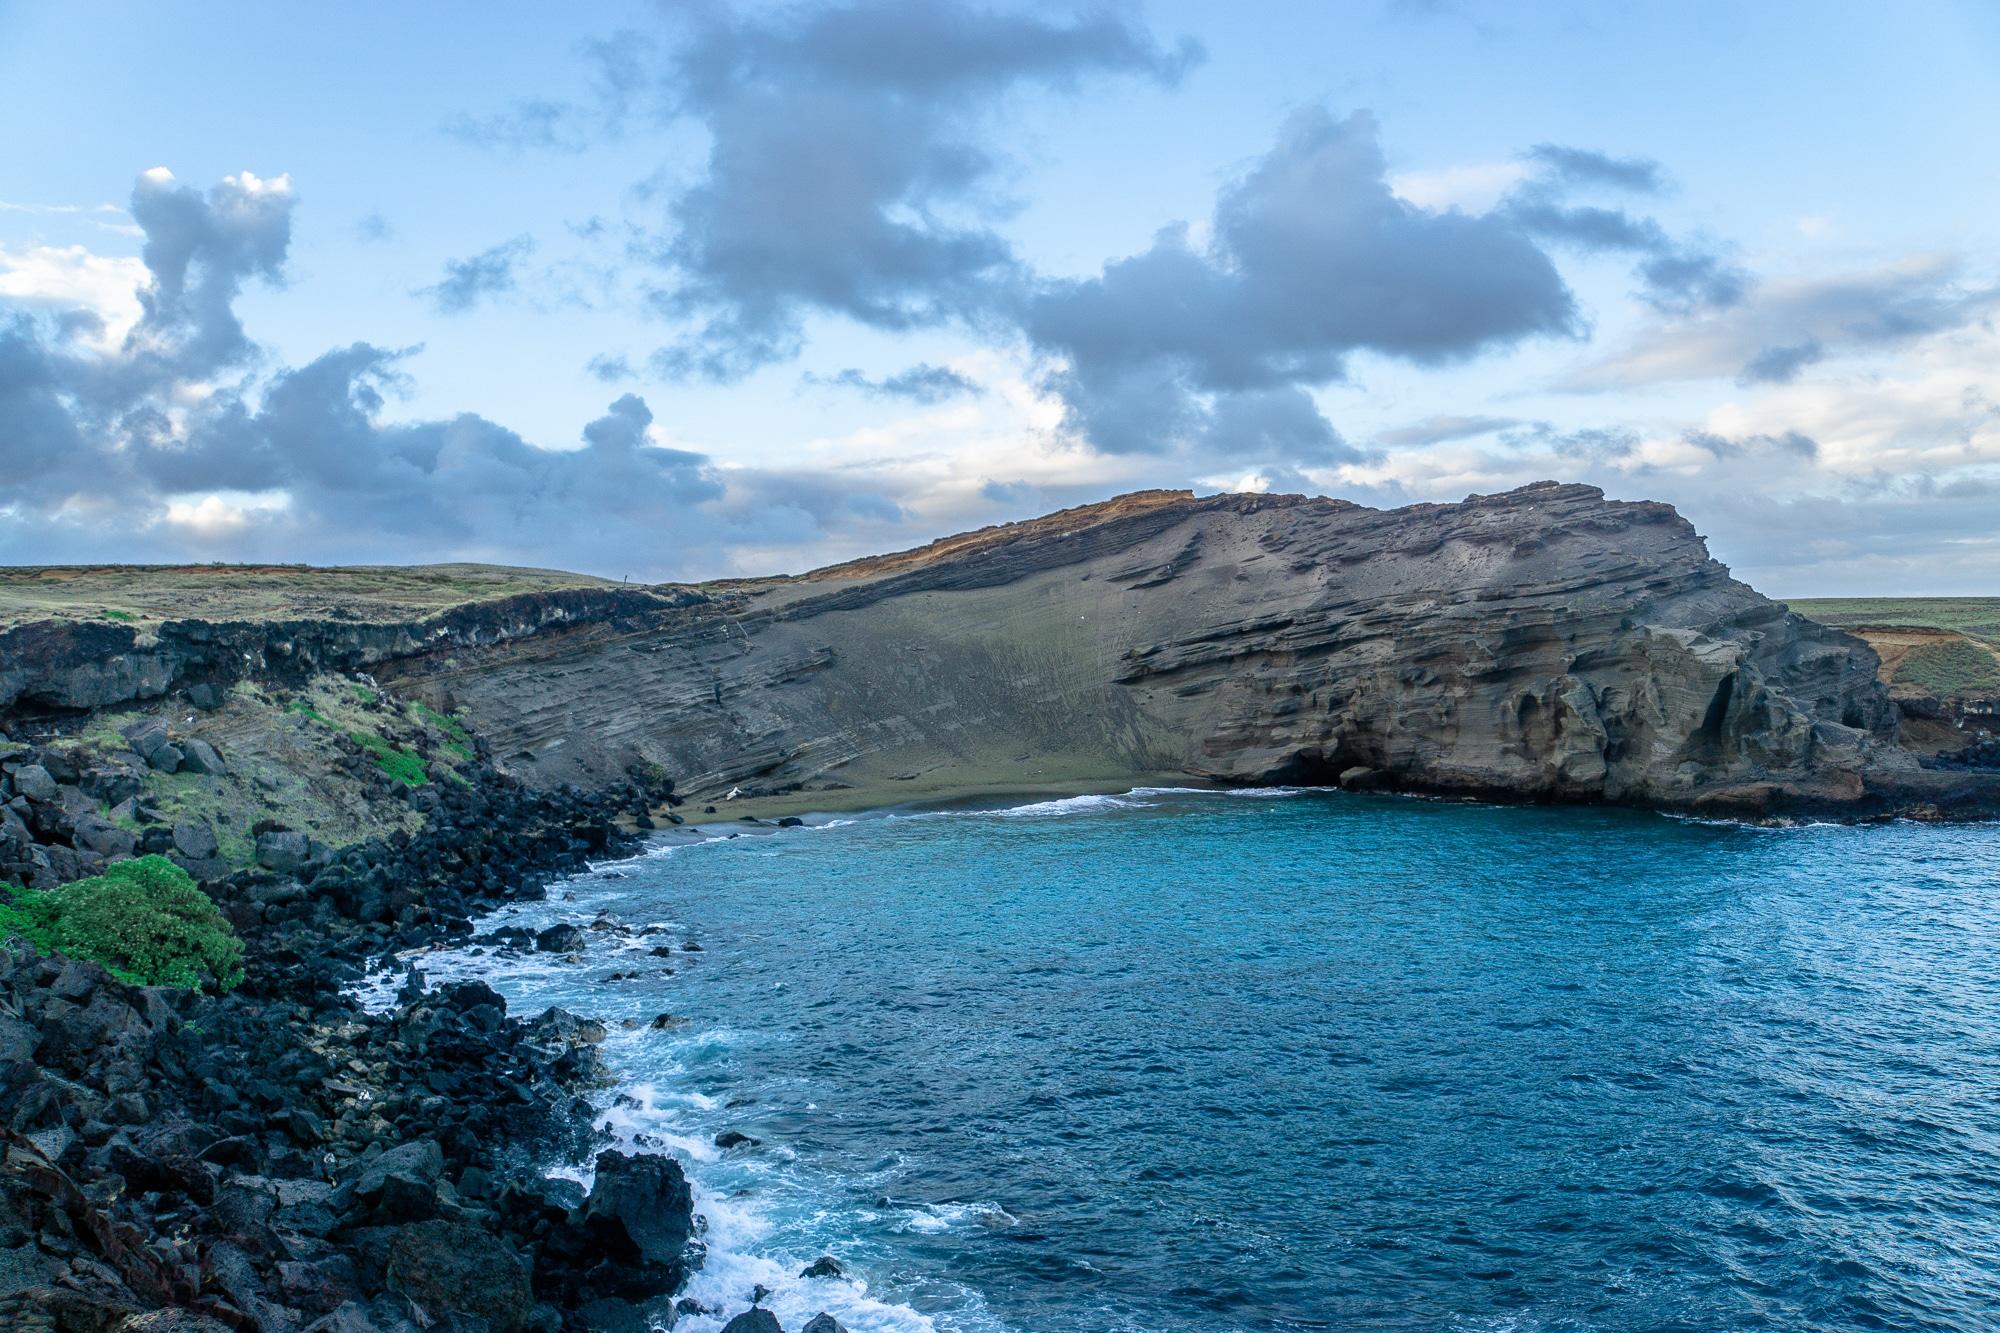 Schönste Strände auf Big Island: 6 Traumstrände für eure Hawaii Reise - Green Sand Beach Papakolea